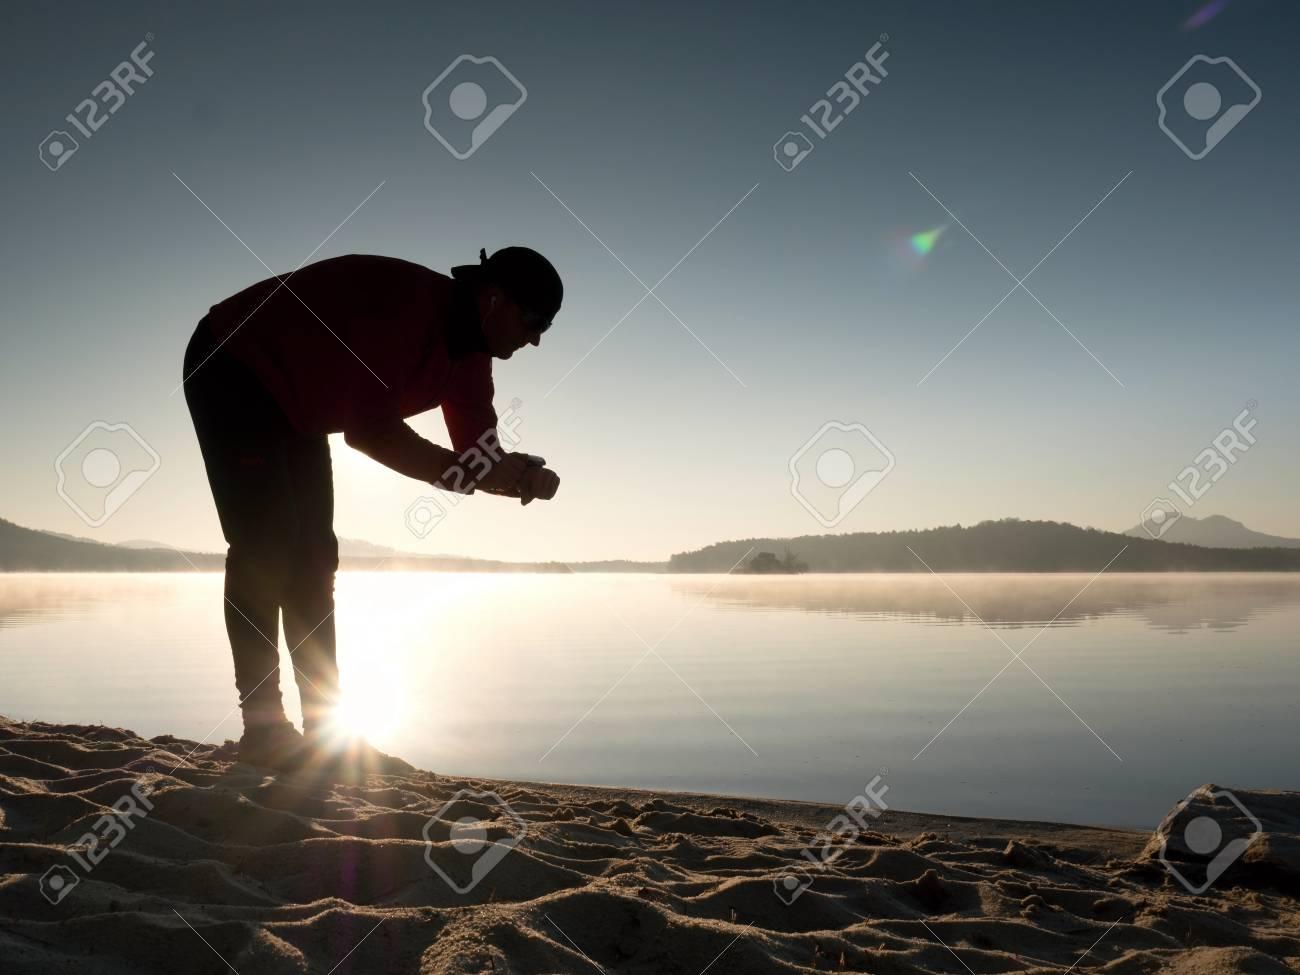 Banque d images - L homme de sport vérifie le temps sur sa montre de sport.  Coureur au lac de montagne exerçant contre le soleil du soir. 0af176f7b21